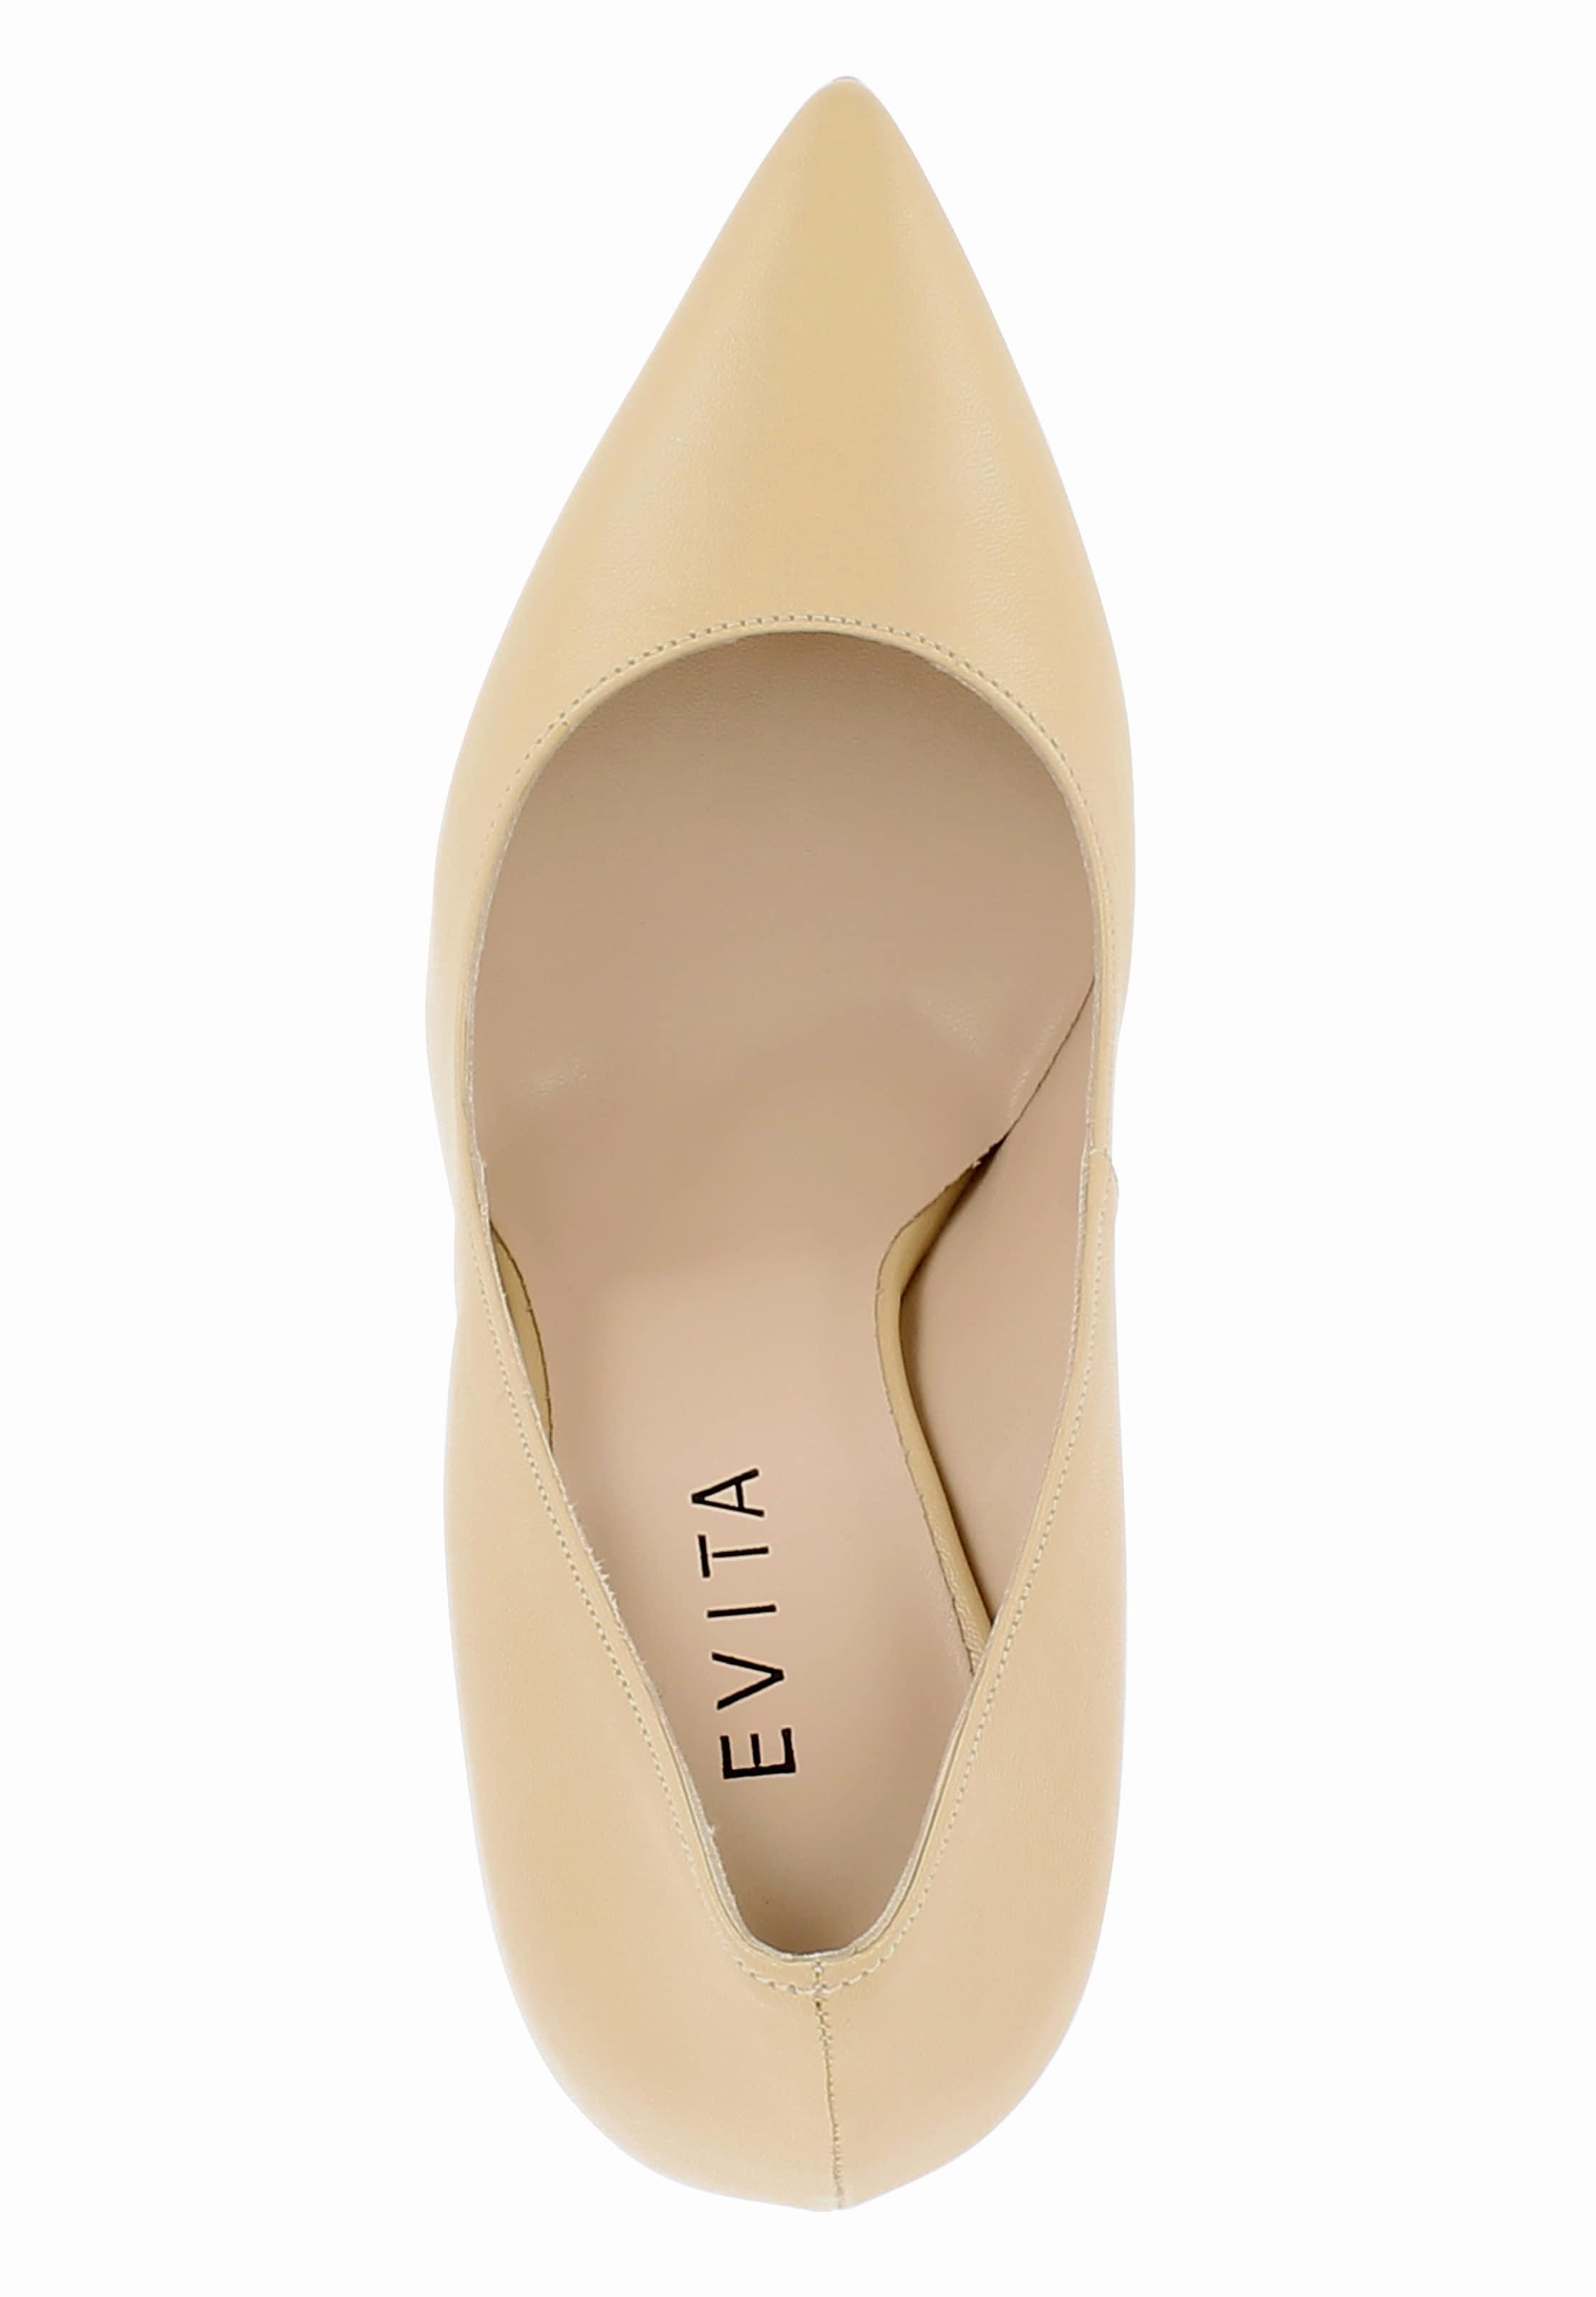 'alina' En En En Evita Escarpins Or Evita 'alina' 'alina' Escarpins Or Evita Escarpins YE2WHIeD9b